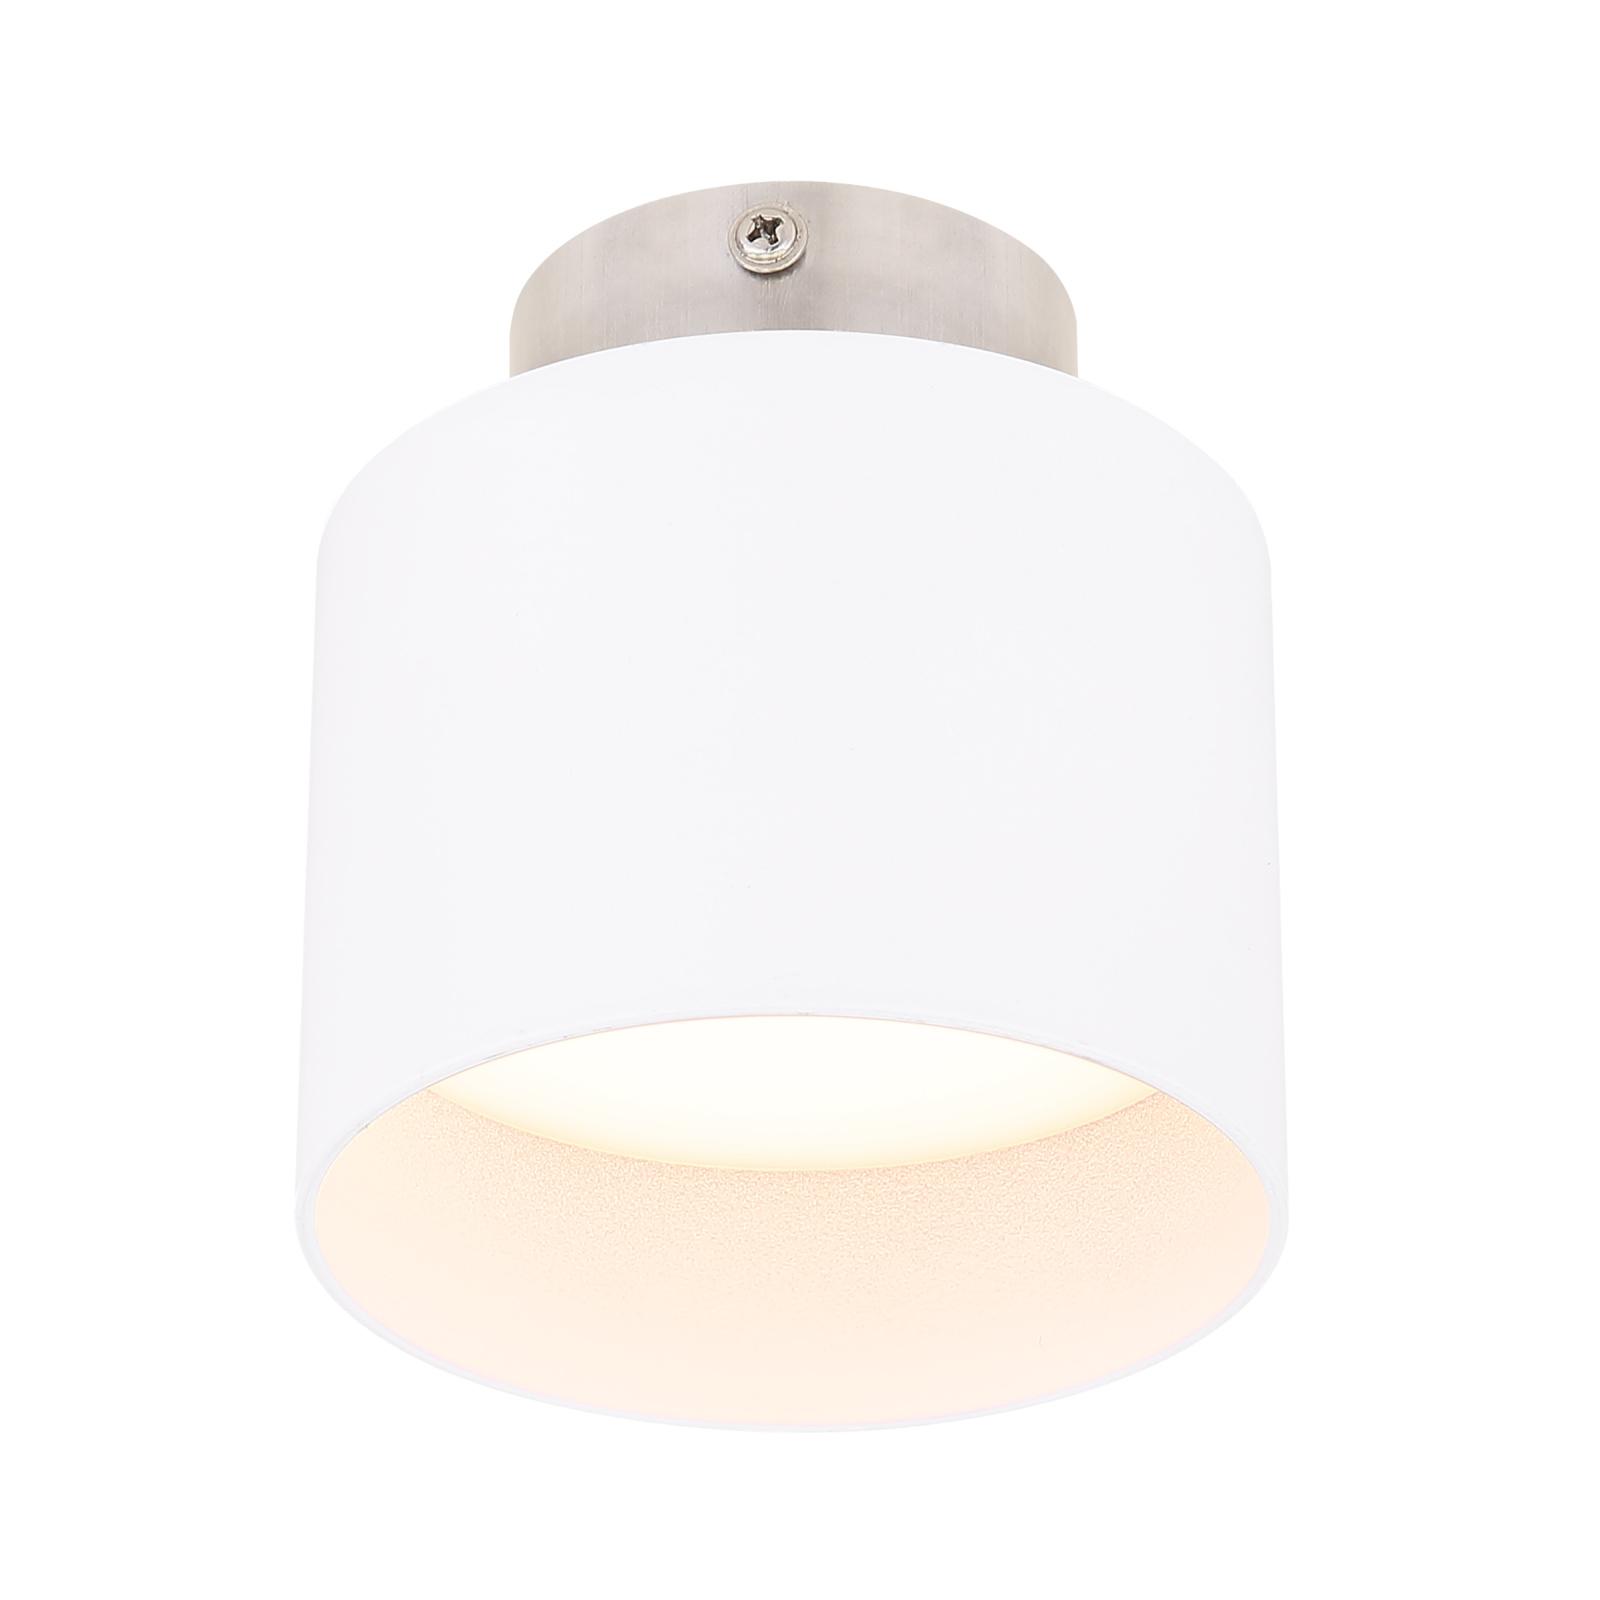 Plafoniera Jenny, 1 x LED, 8 W, 230V, aluminiu alb mathaus 2021